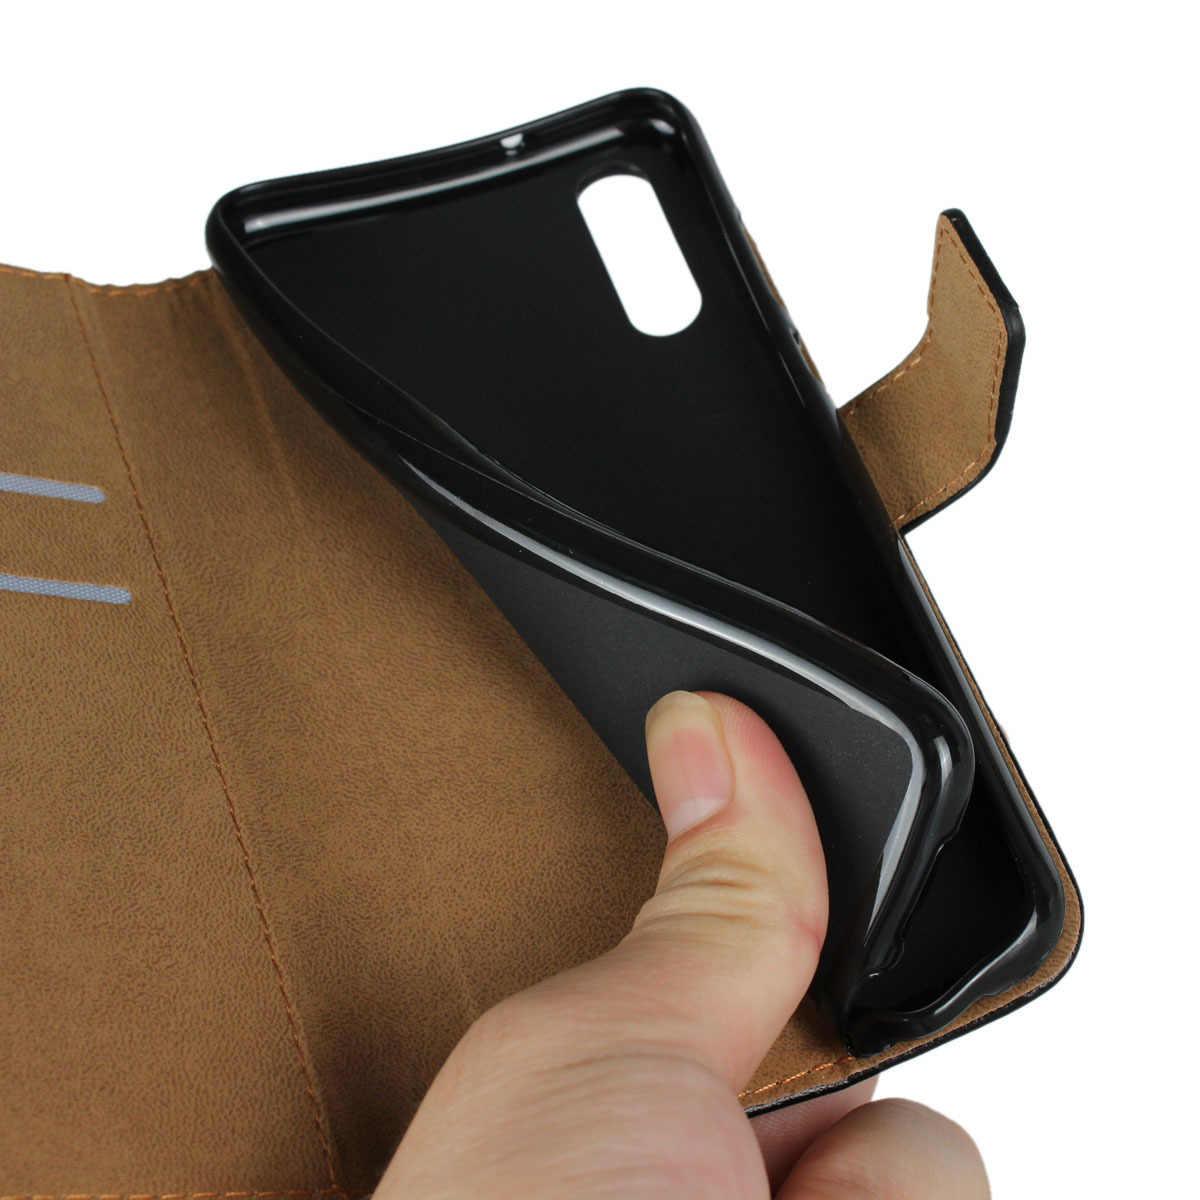 สำหรับ Huawei P20 กรณี HUAWEI Mate 20 กรณี Pro P20 Pro ขนาดกะทัดรัด Slim Card Slot ฝาครอบ Flip Case popsocket สำหรับโทรศัพท์มือถือโทรศัพท์